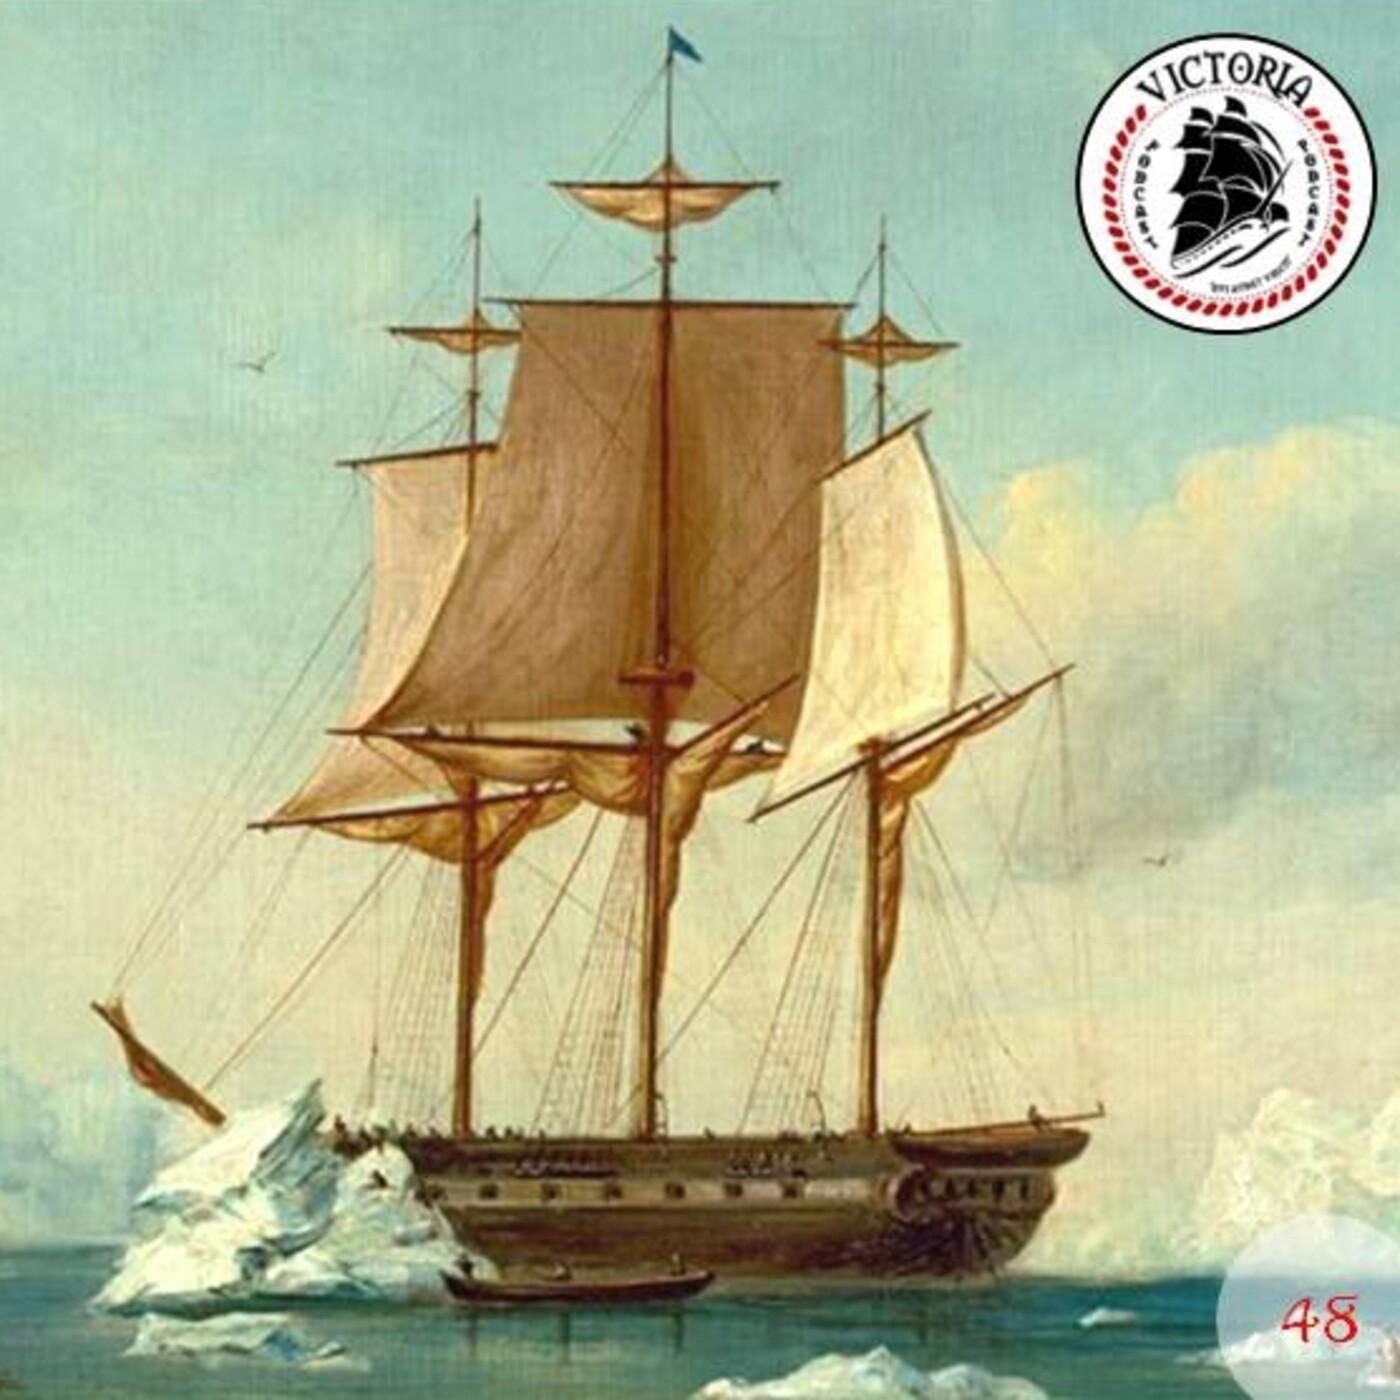 VICTORIA #48 Exploración de la Antártida. La Expedición Wilkes 1838-1842